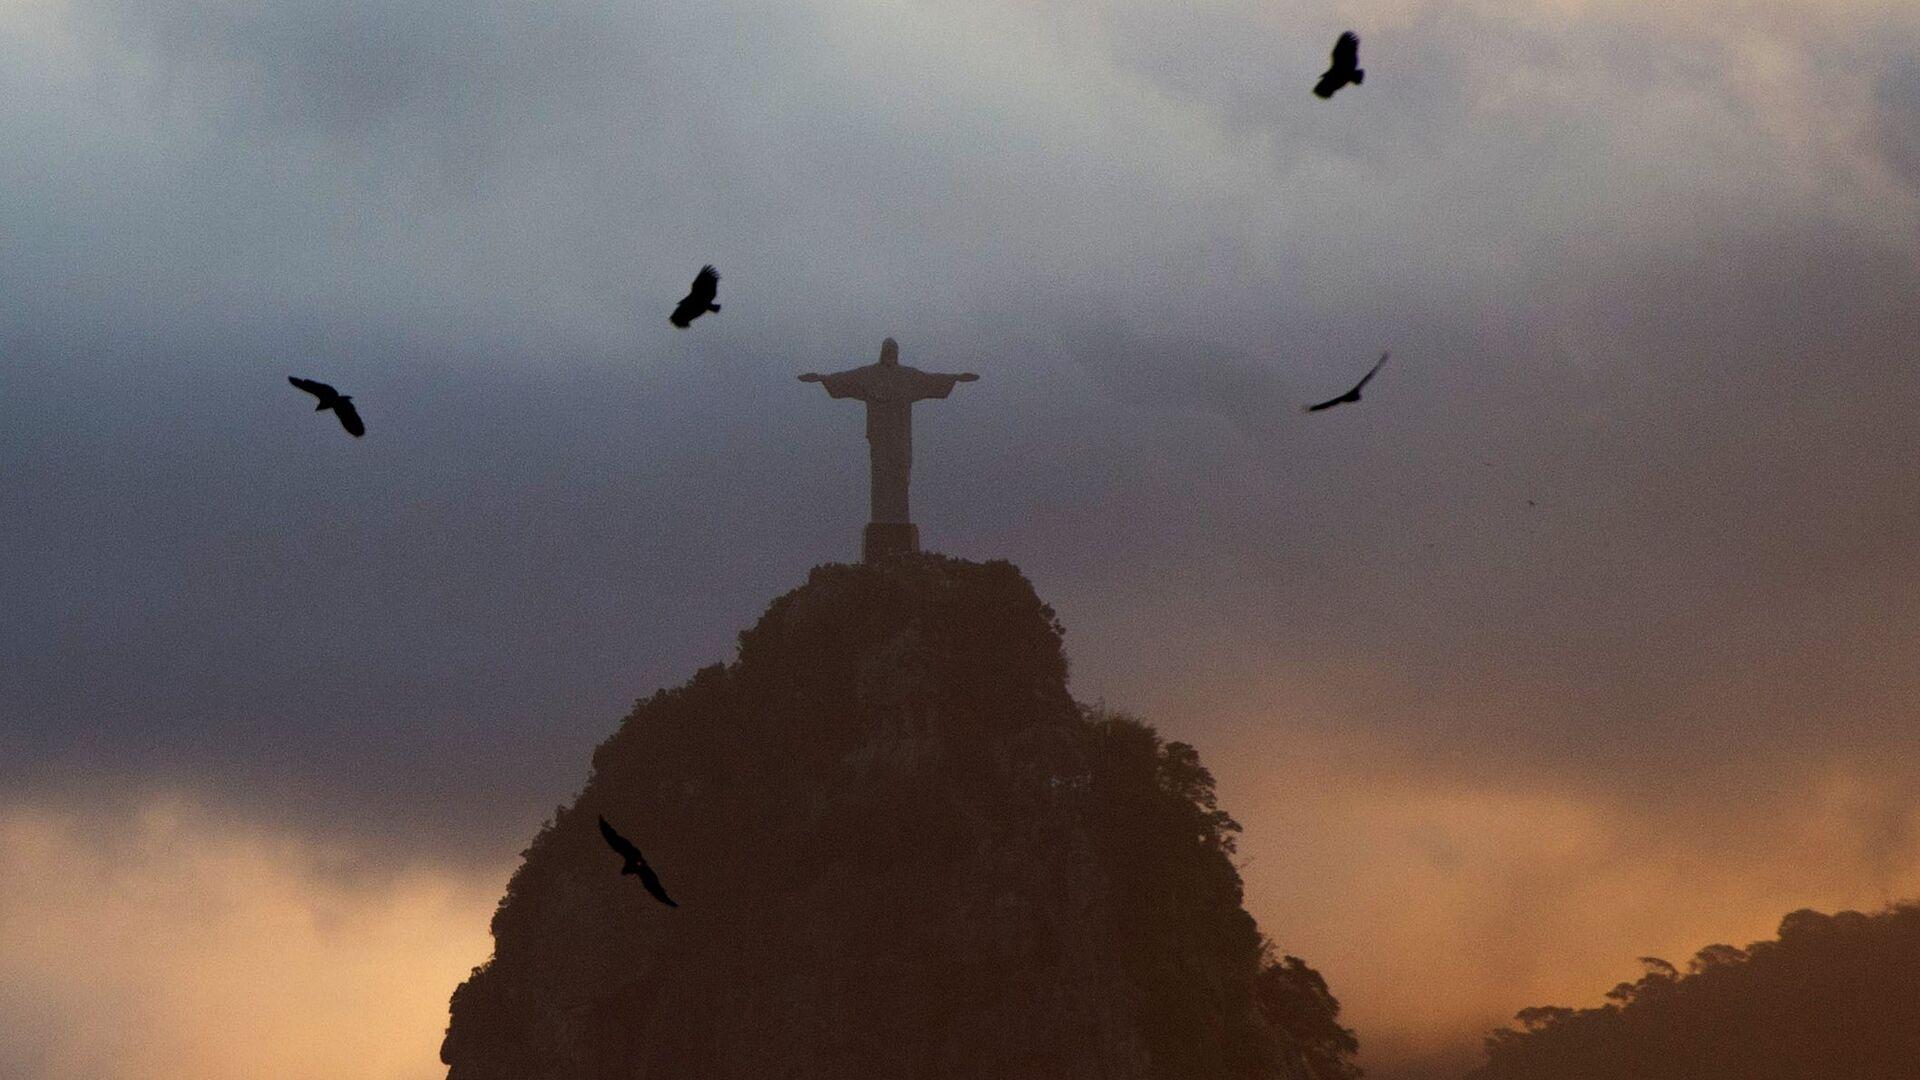 Вид на статую Христа-Искупителя на вершине горы Корковаду со смотровой площадки на горе Сахарная голова в Рио-де-Жанейро - РИА Новости, 1920, 13.04.2020